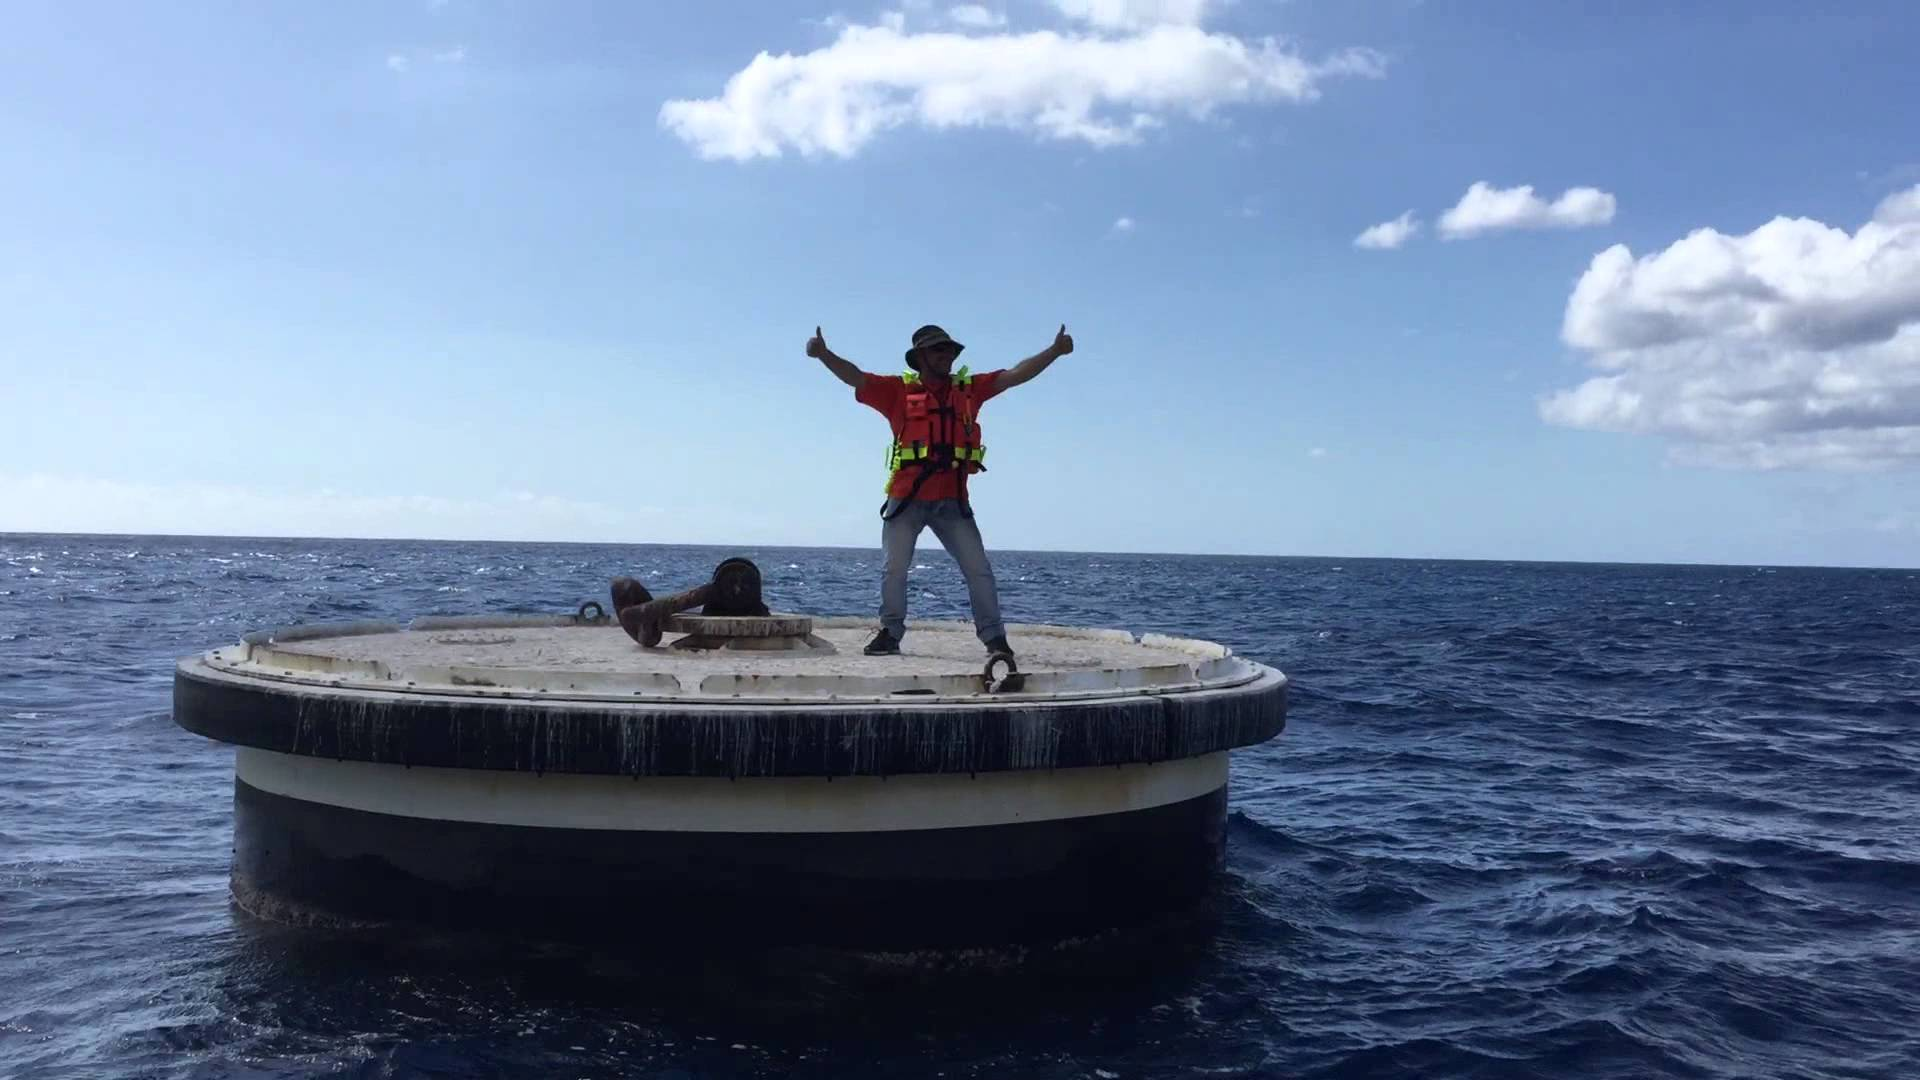 Il est débarqué sur un ilot artificiel dans la baie de Saint Paul